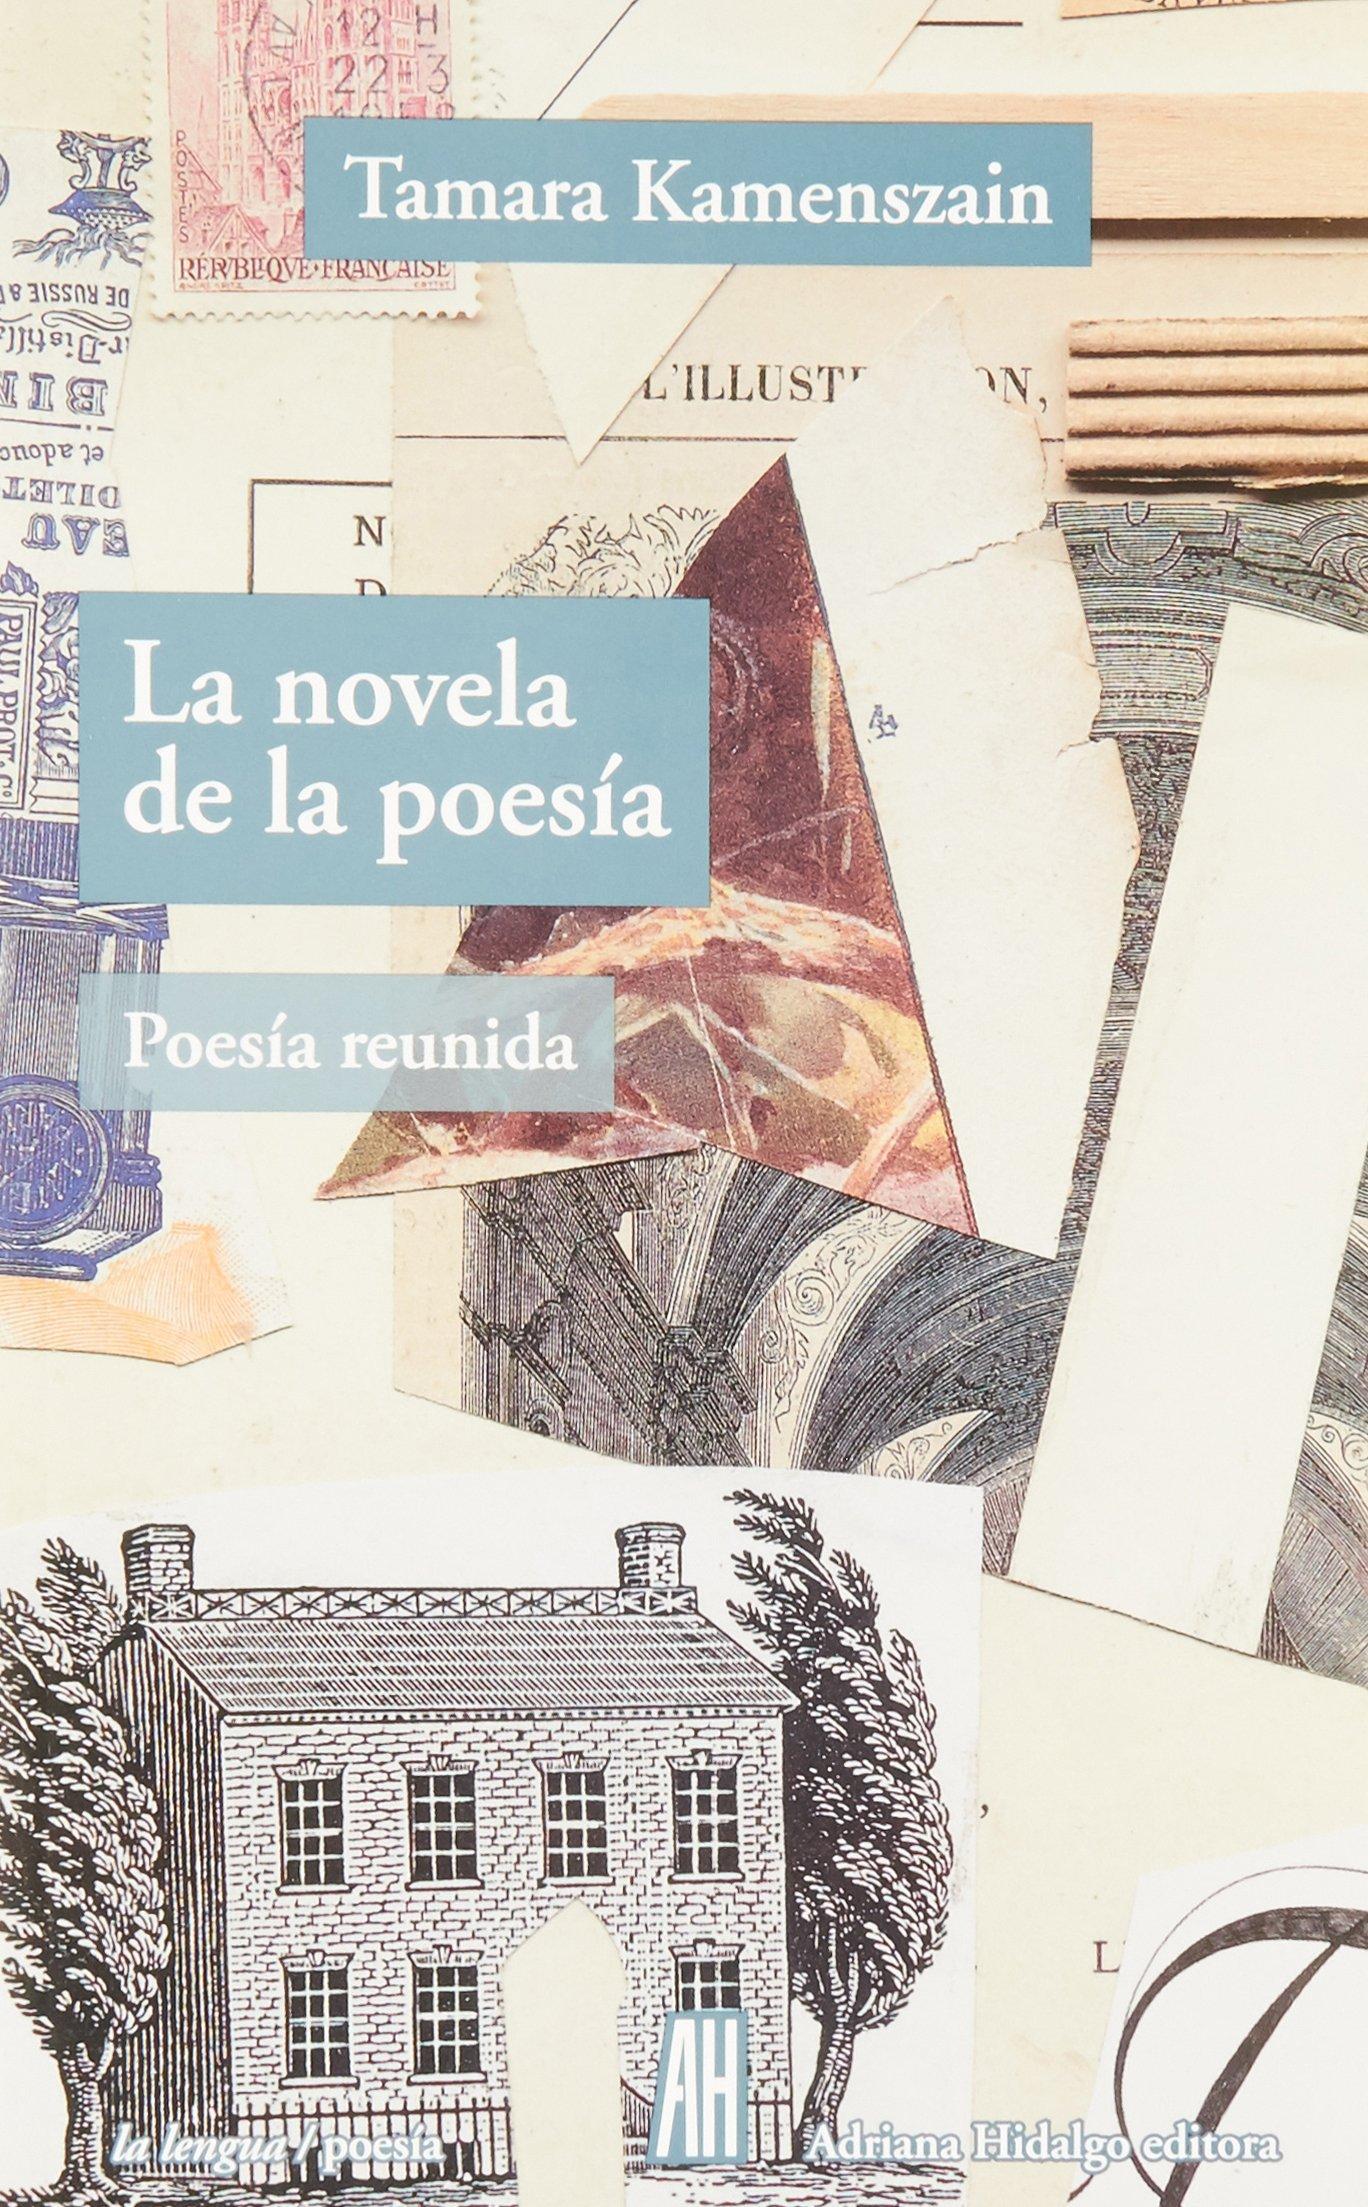 La novela de la poesia / The book of poetry: Poesia reunida / Collected Poetry (Spanish Edition)